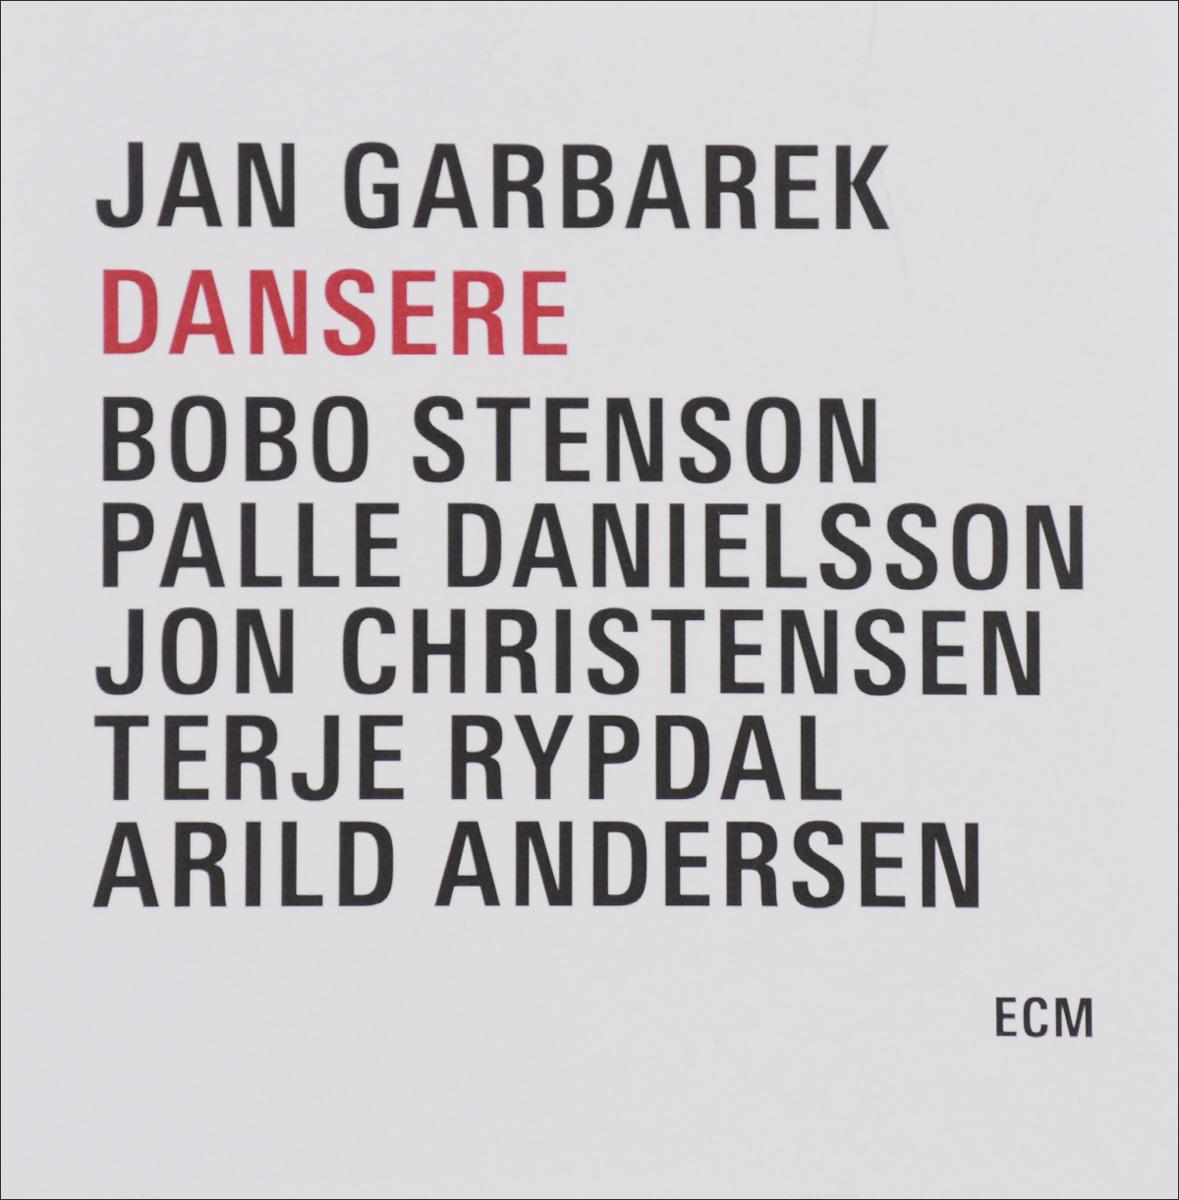 К изданию прилагается 32-страничный буклет с фотографиями, списком треков и дополнительной информацией на английском языке.